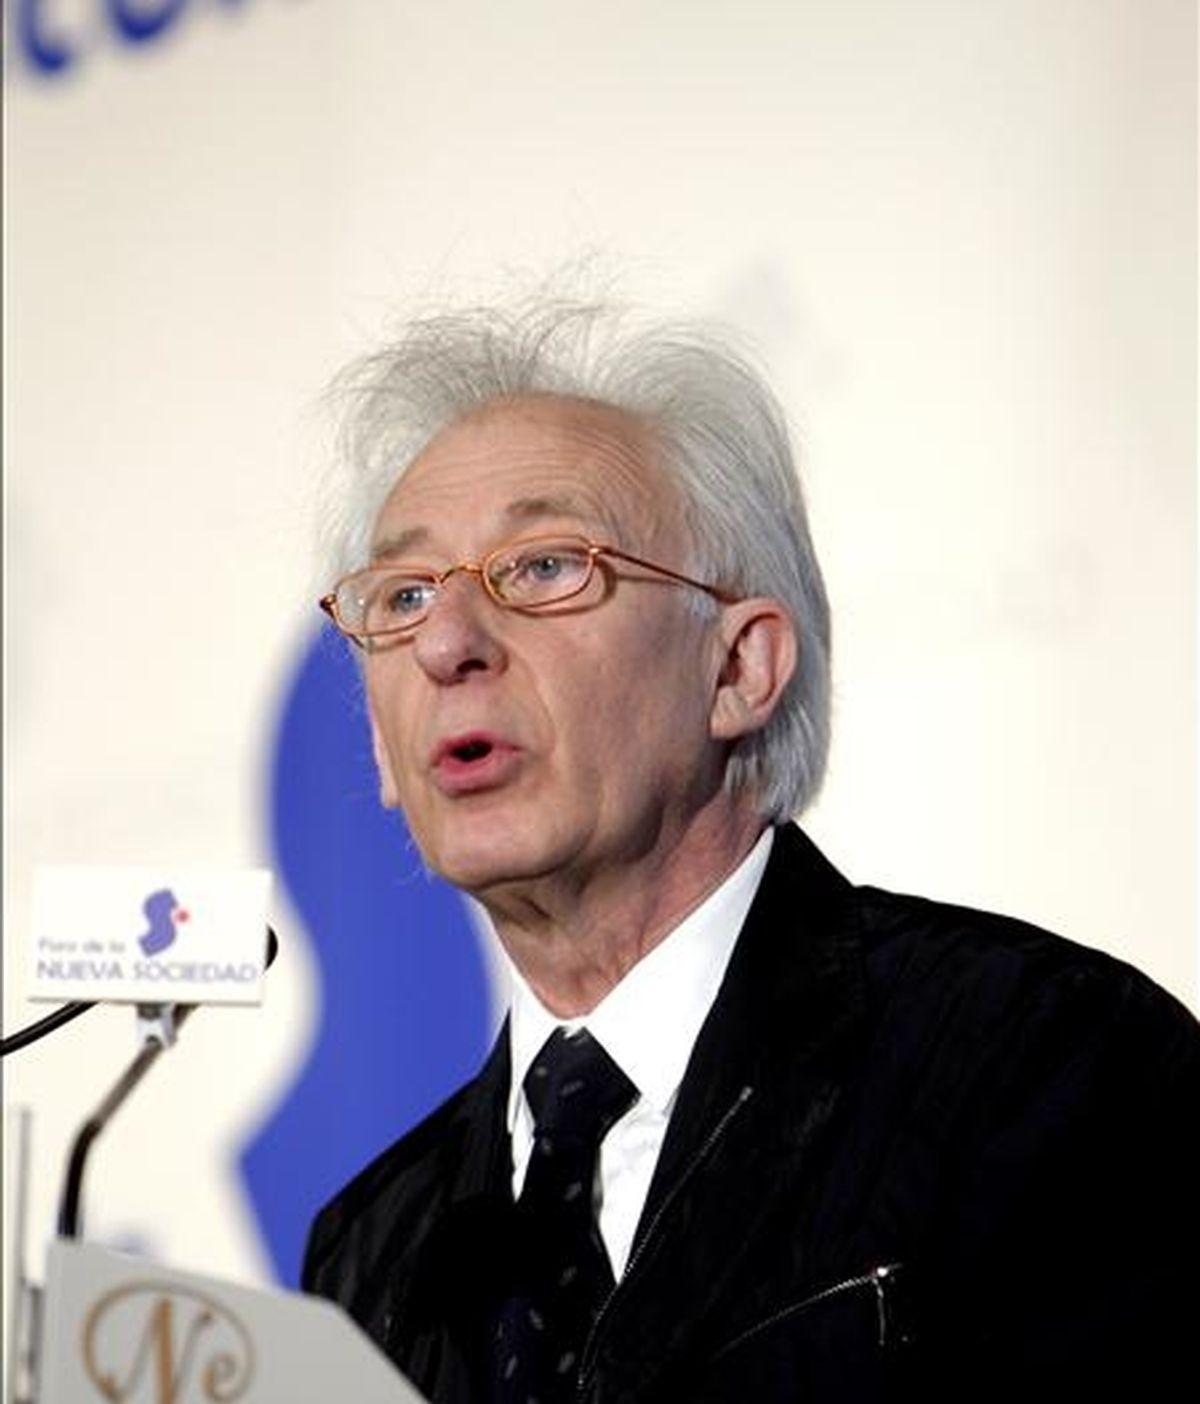 El director teatral Albert Boadella, es uno de los firmantes. EFE/Archivo